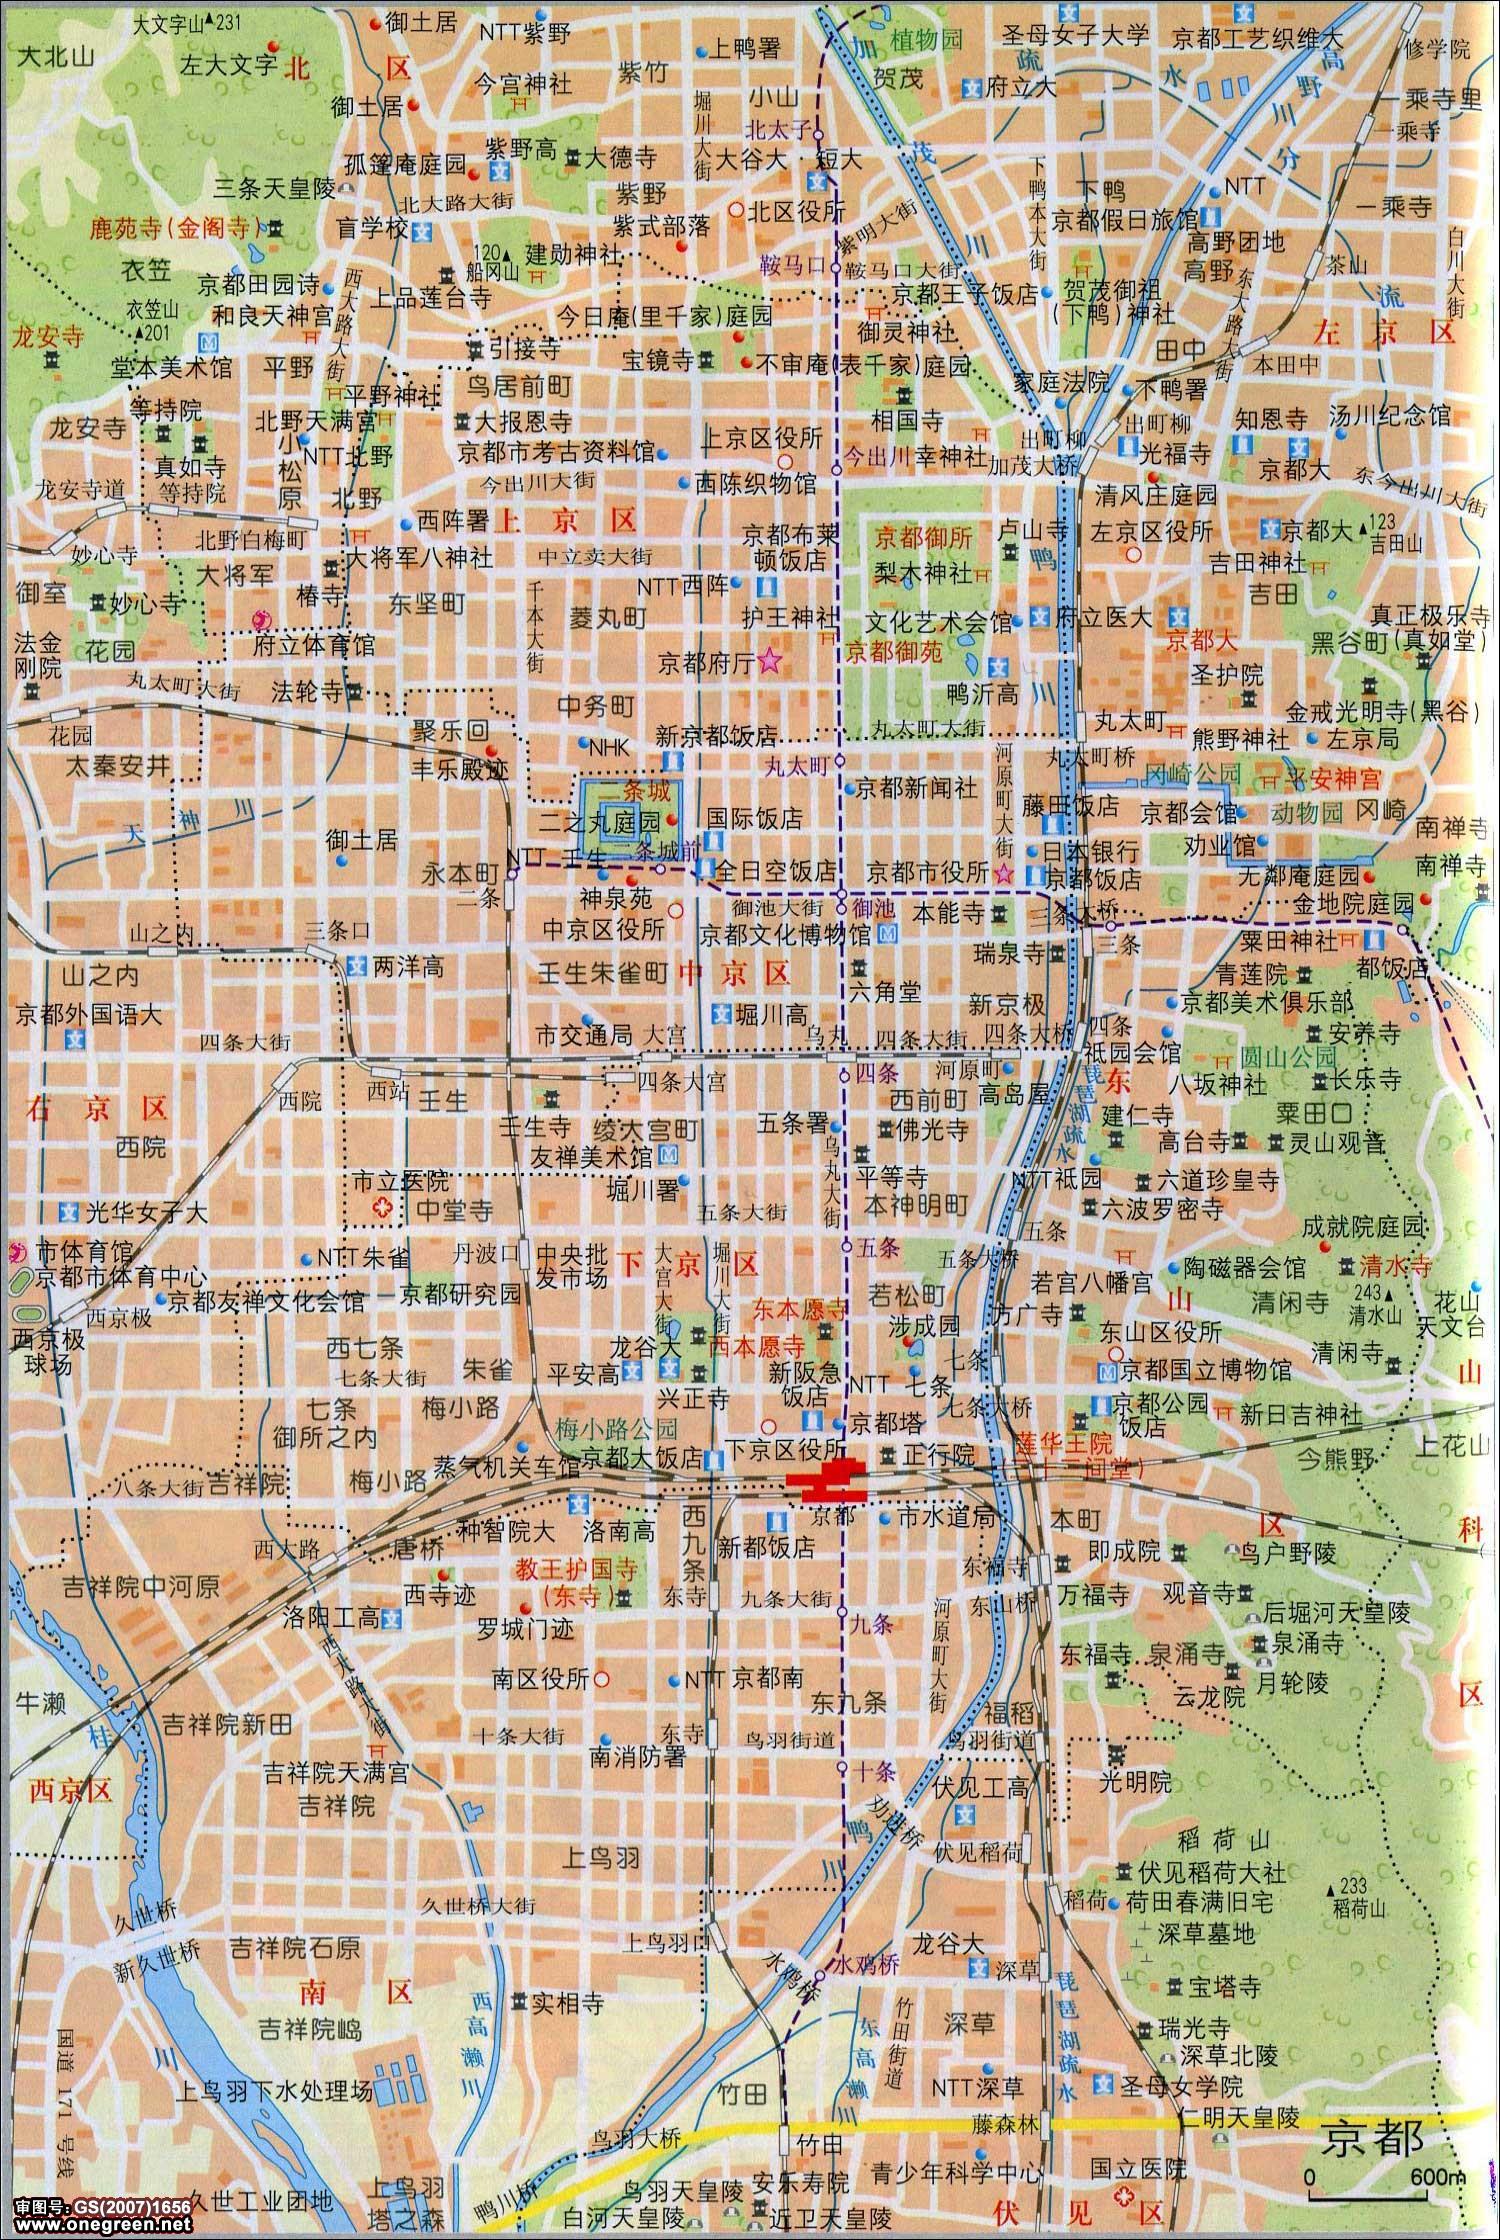 哈萨克斯坦中文地图_京都地图_日本地图库_地图窝